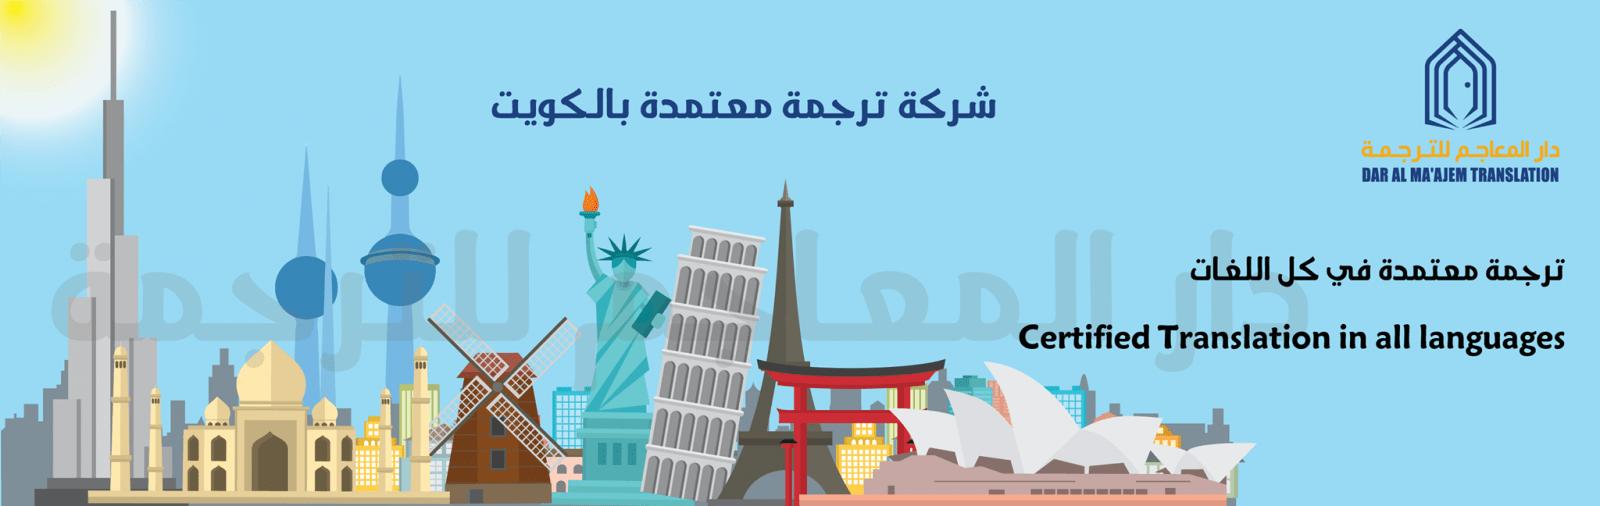 شركة ترجمة معتمدة في الكويت دار المعاجم للترجمة الرسمية دار المعاجم